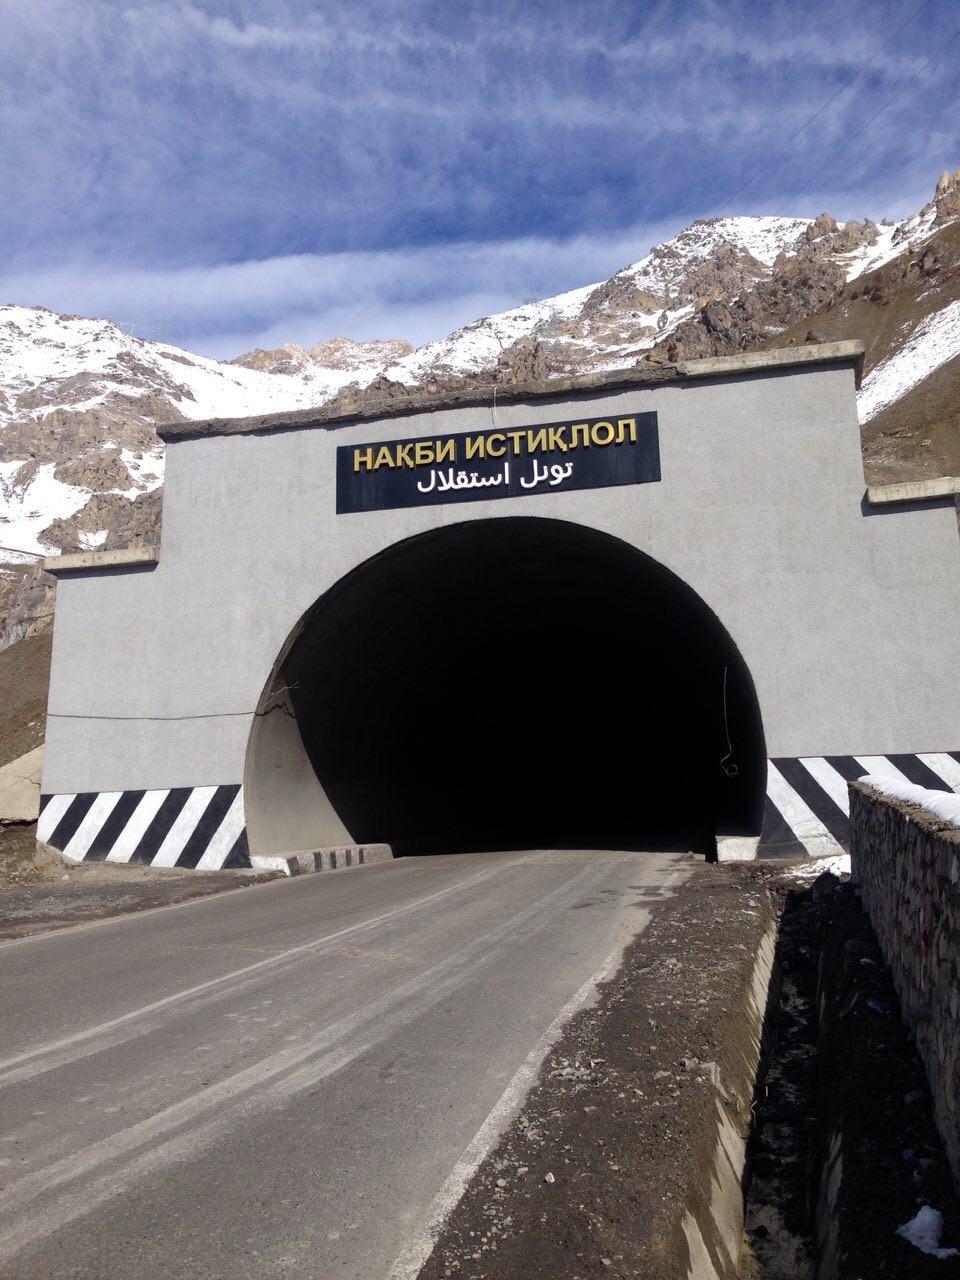 Entrée Tunnel Istiqlol 2015 Entrée Anzob 2015 Tadjikistan Douchanbé Khodjent